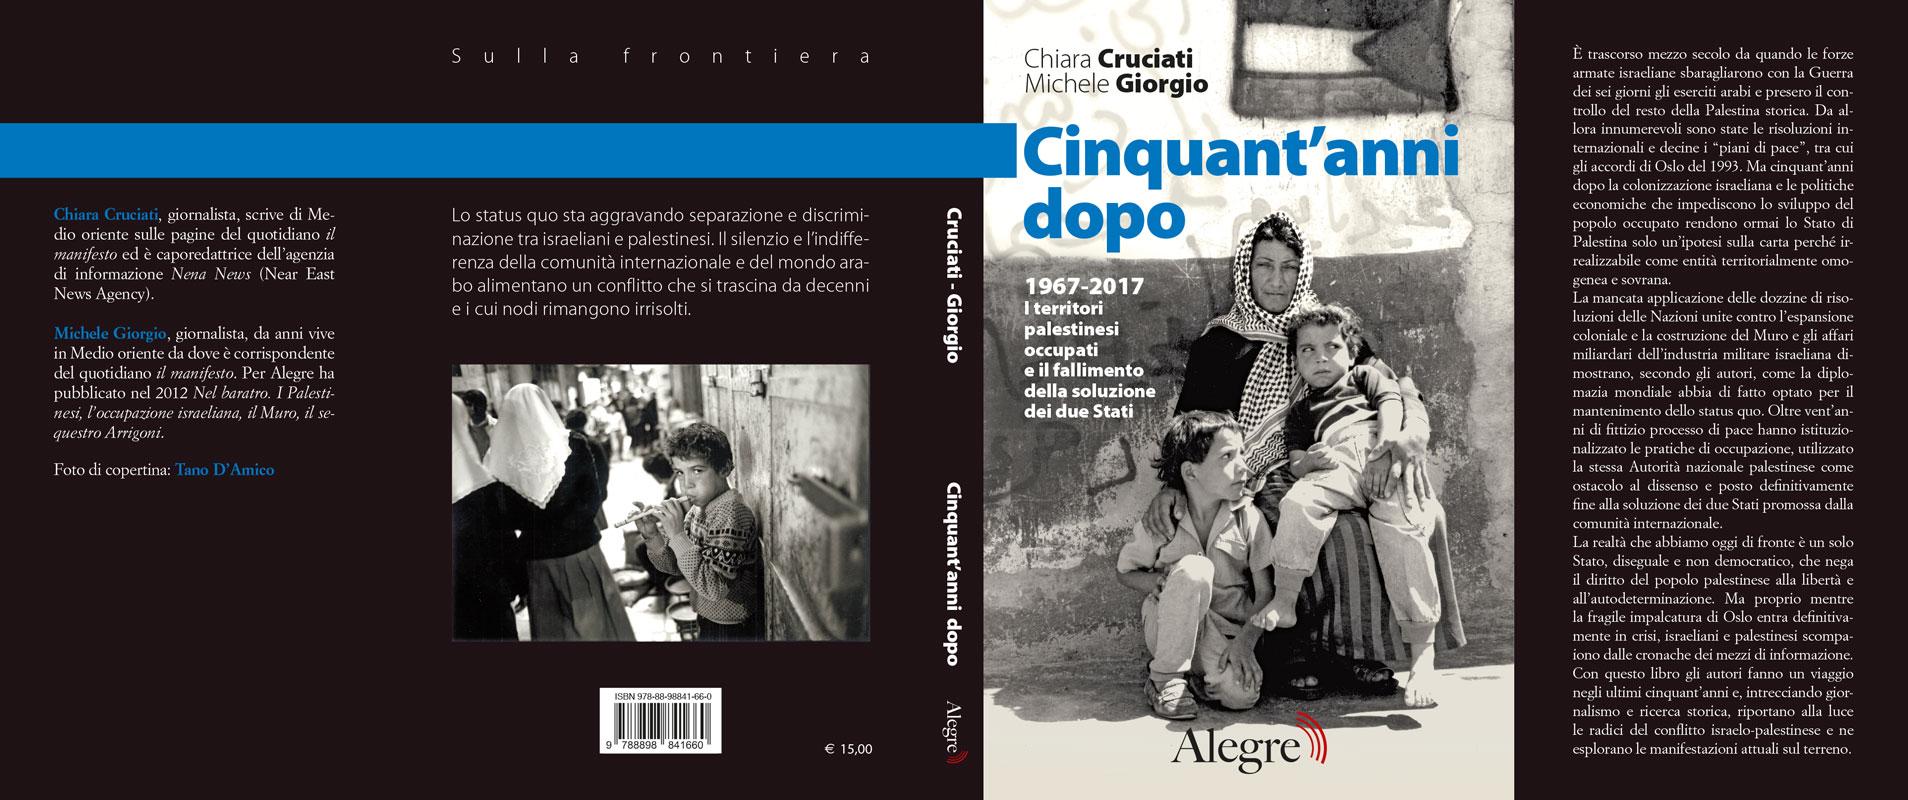 Michele Giorgio, Chiara Cruciati, Cinquant'anni dopo, stesa